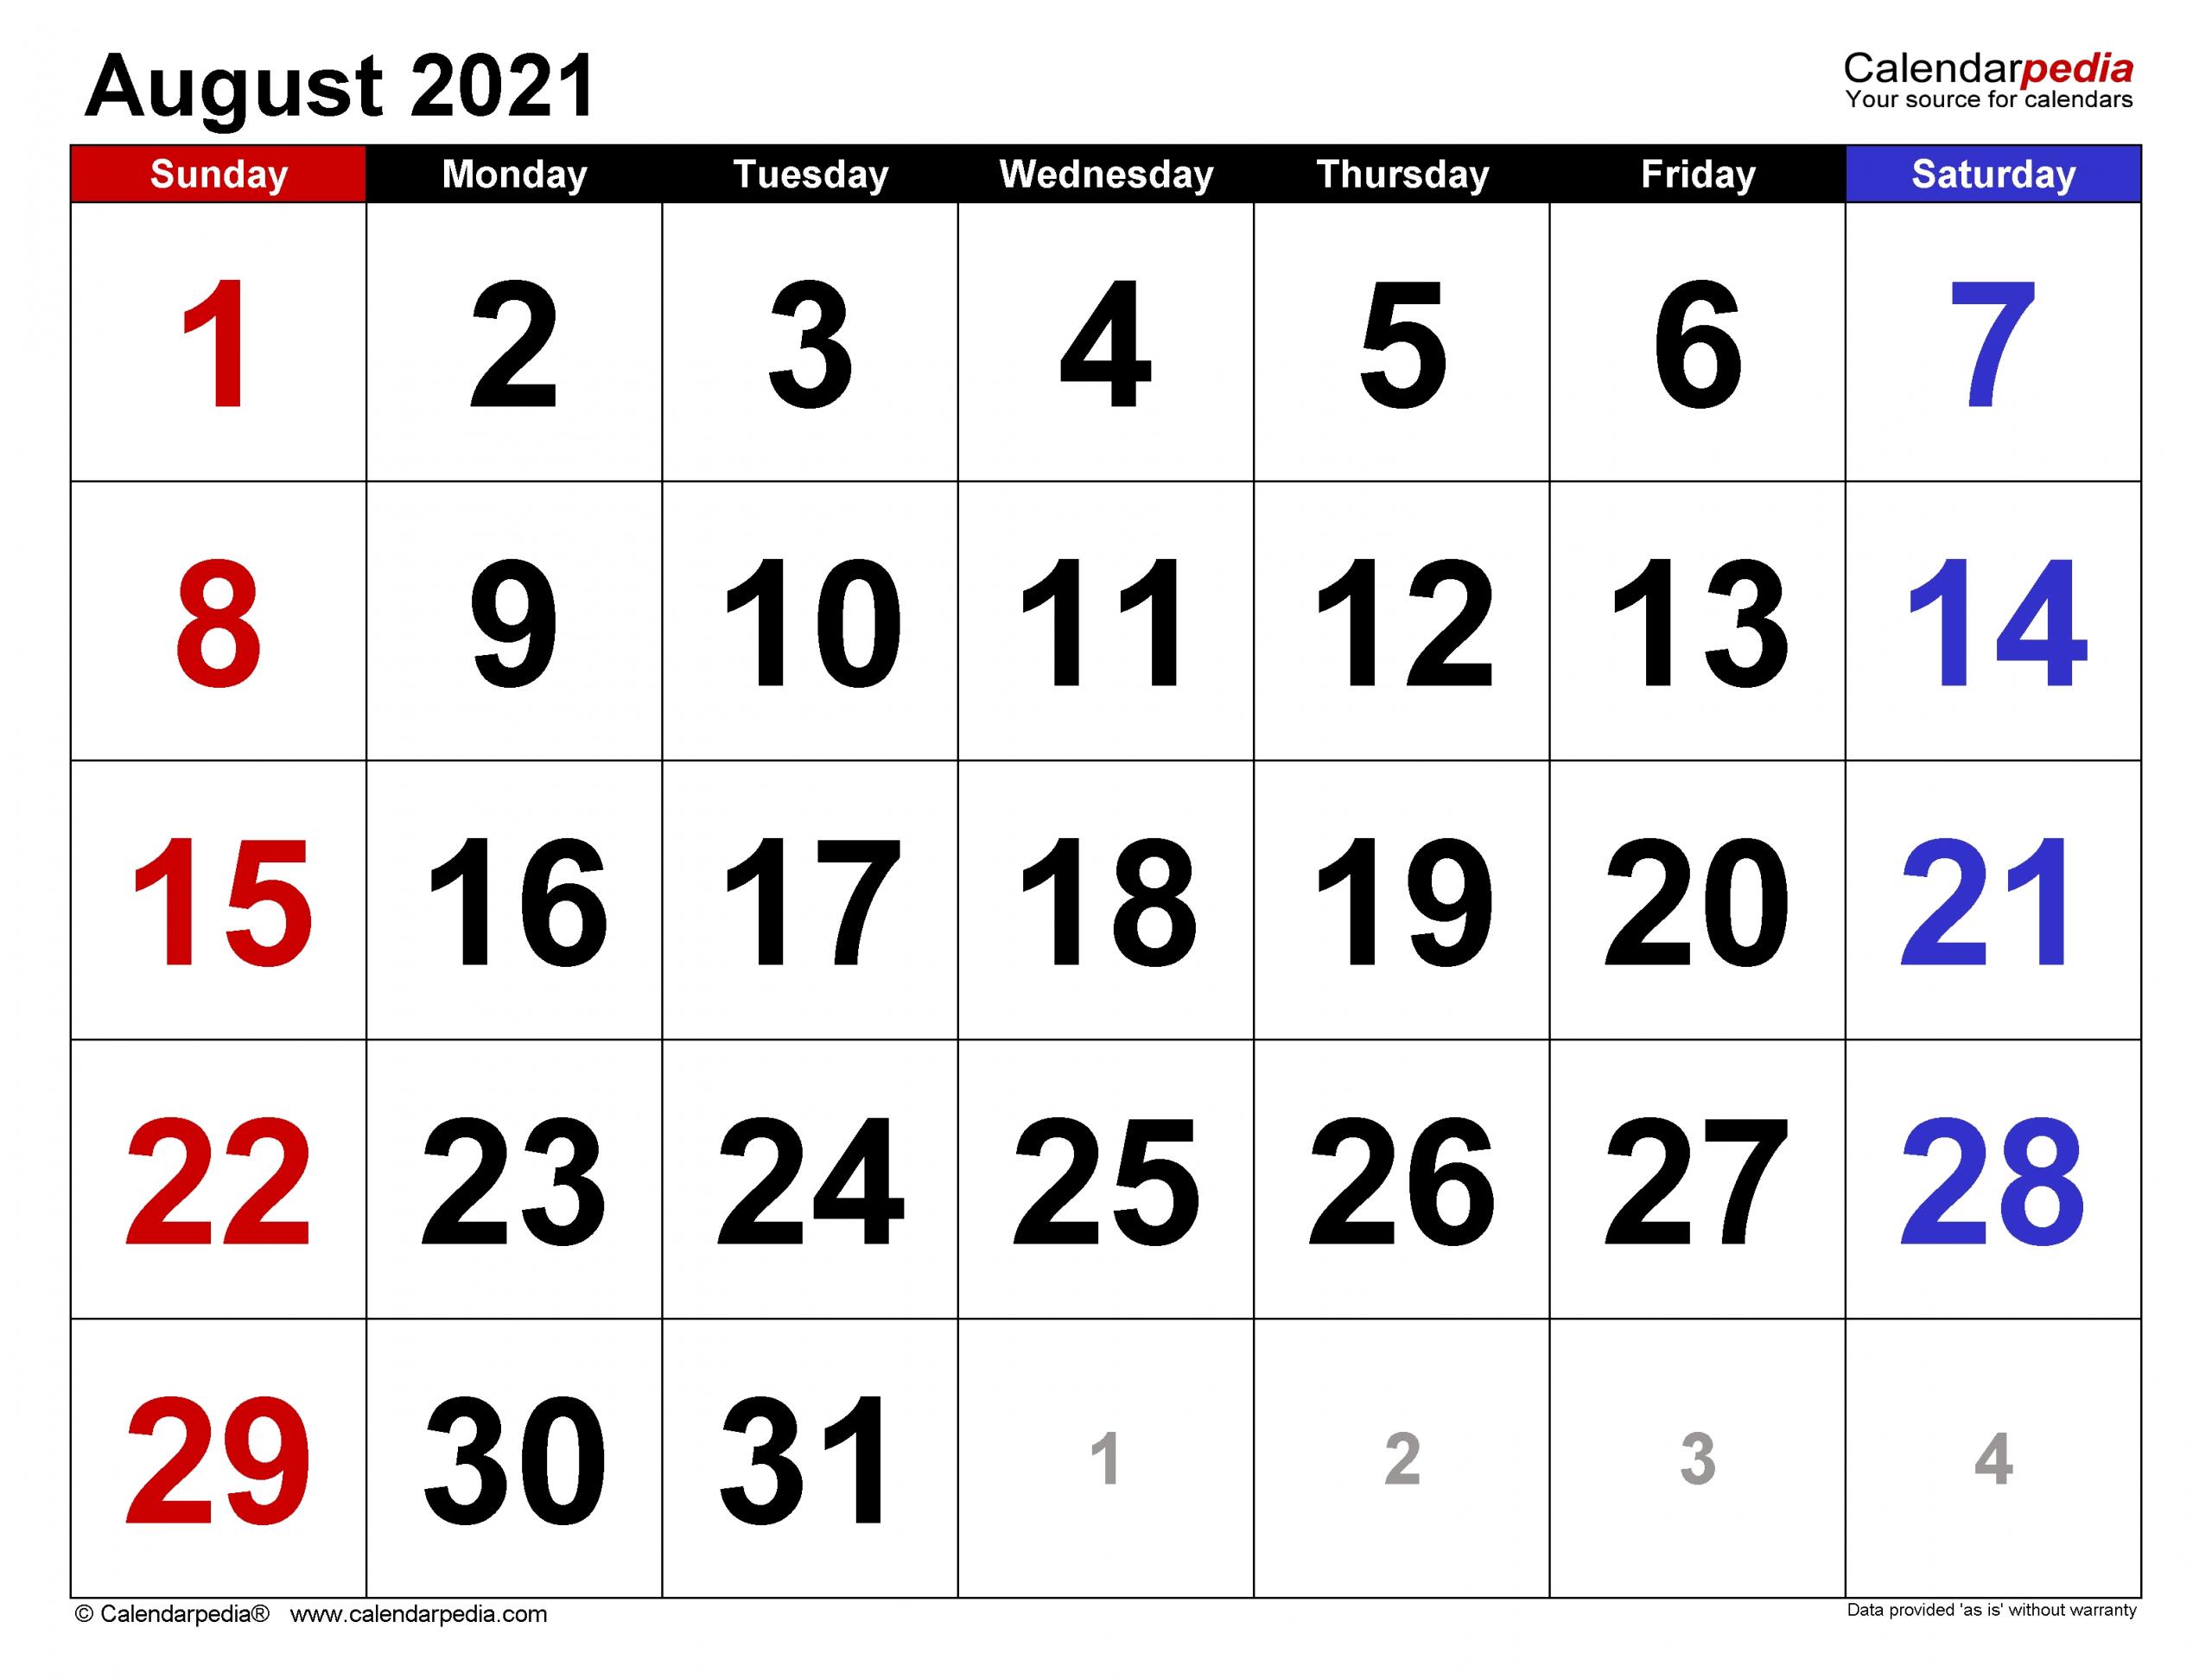 Get Calendar August 2021